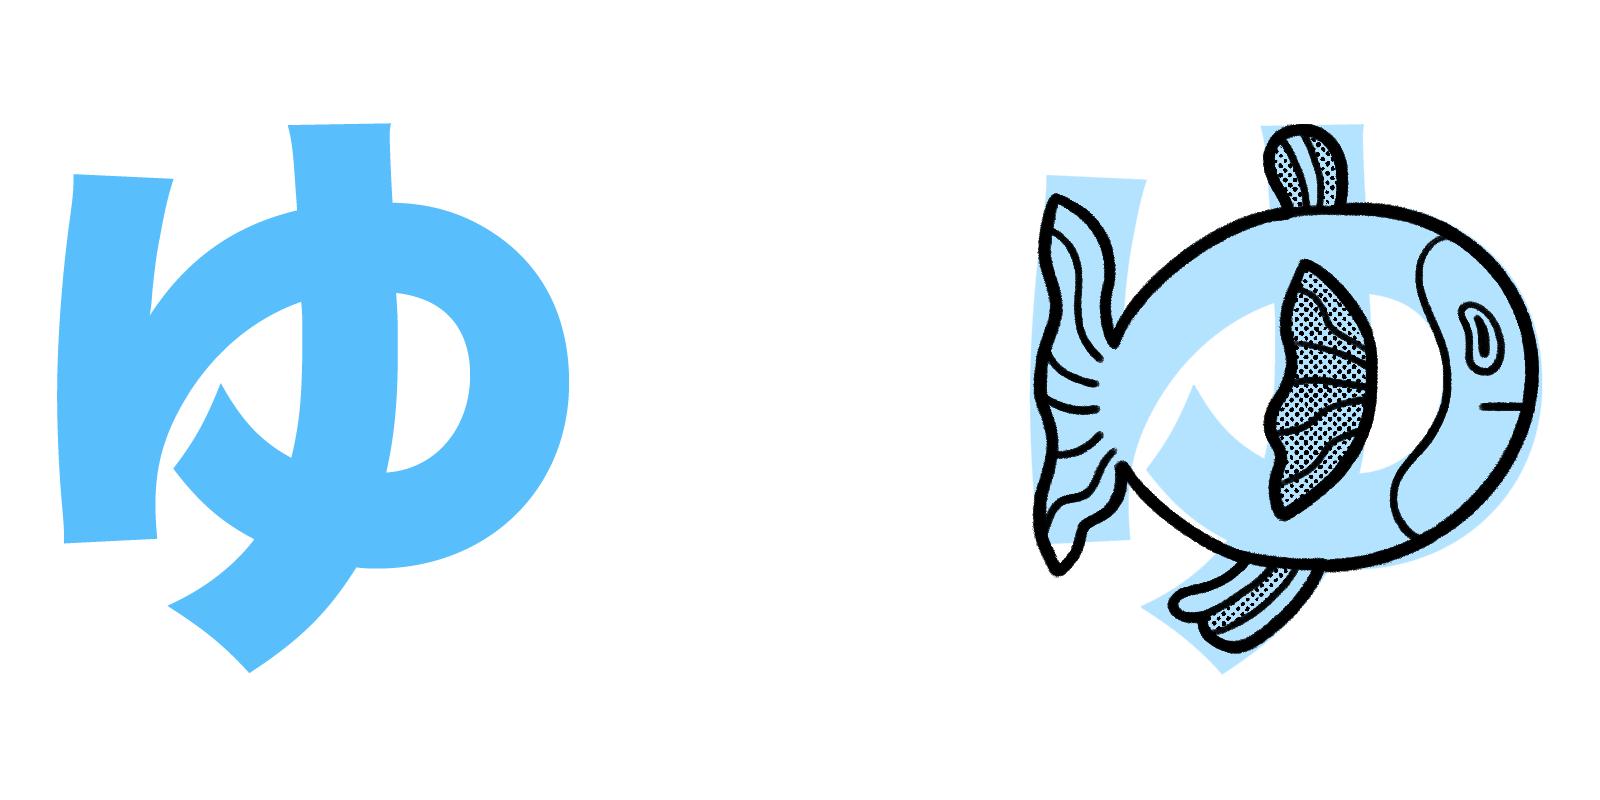 ゆ hiragana mnemonic